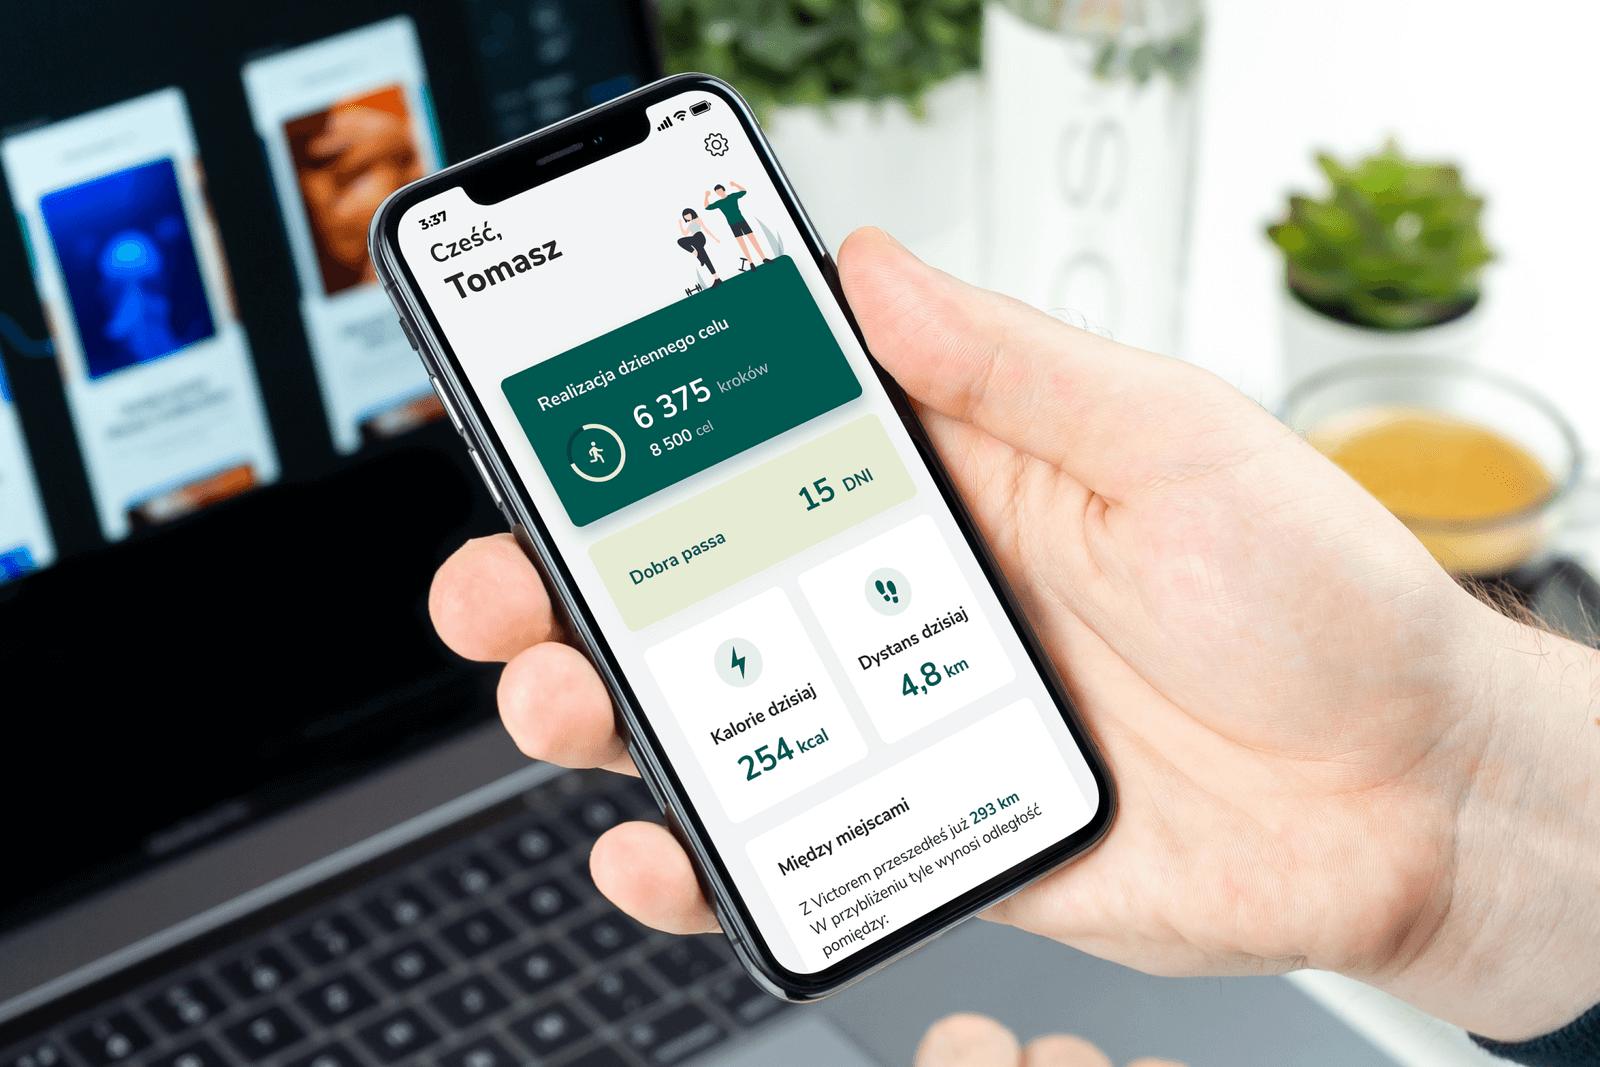 Telefon w dłoni, na ekranie widać aplikację Victor pokazującą ile kroków dziennie przeszedł użytkownik